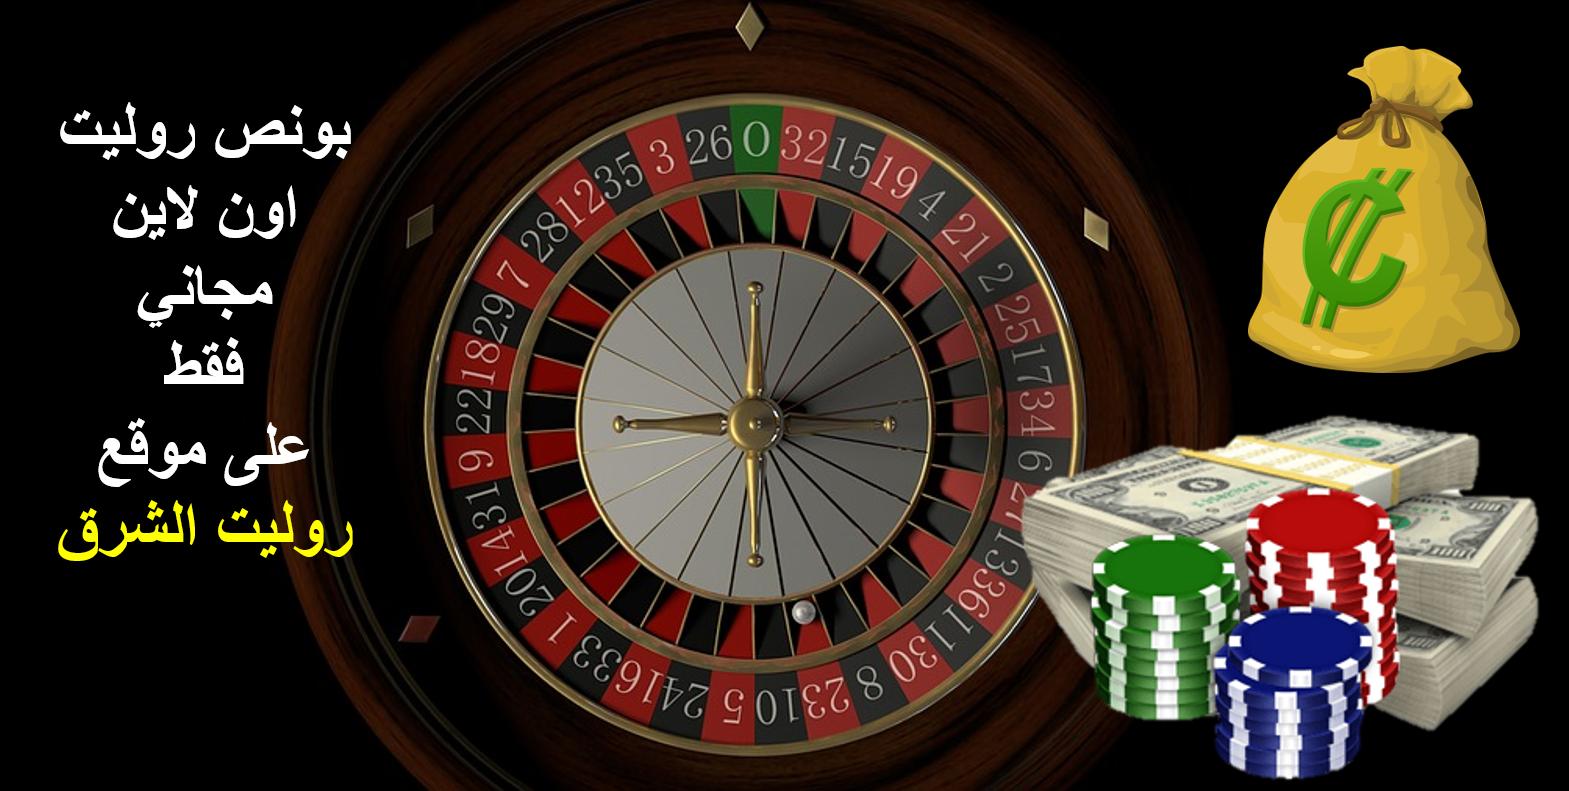 لعبة قمار - 51074